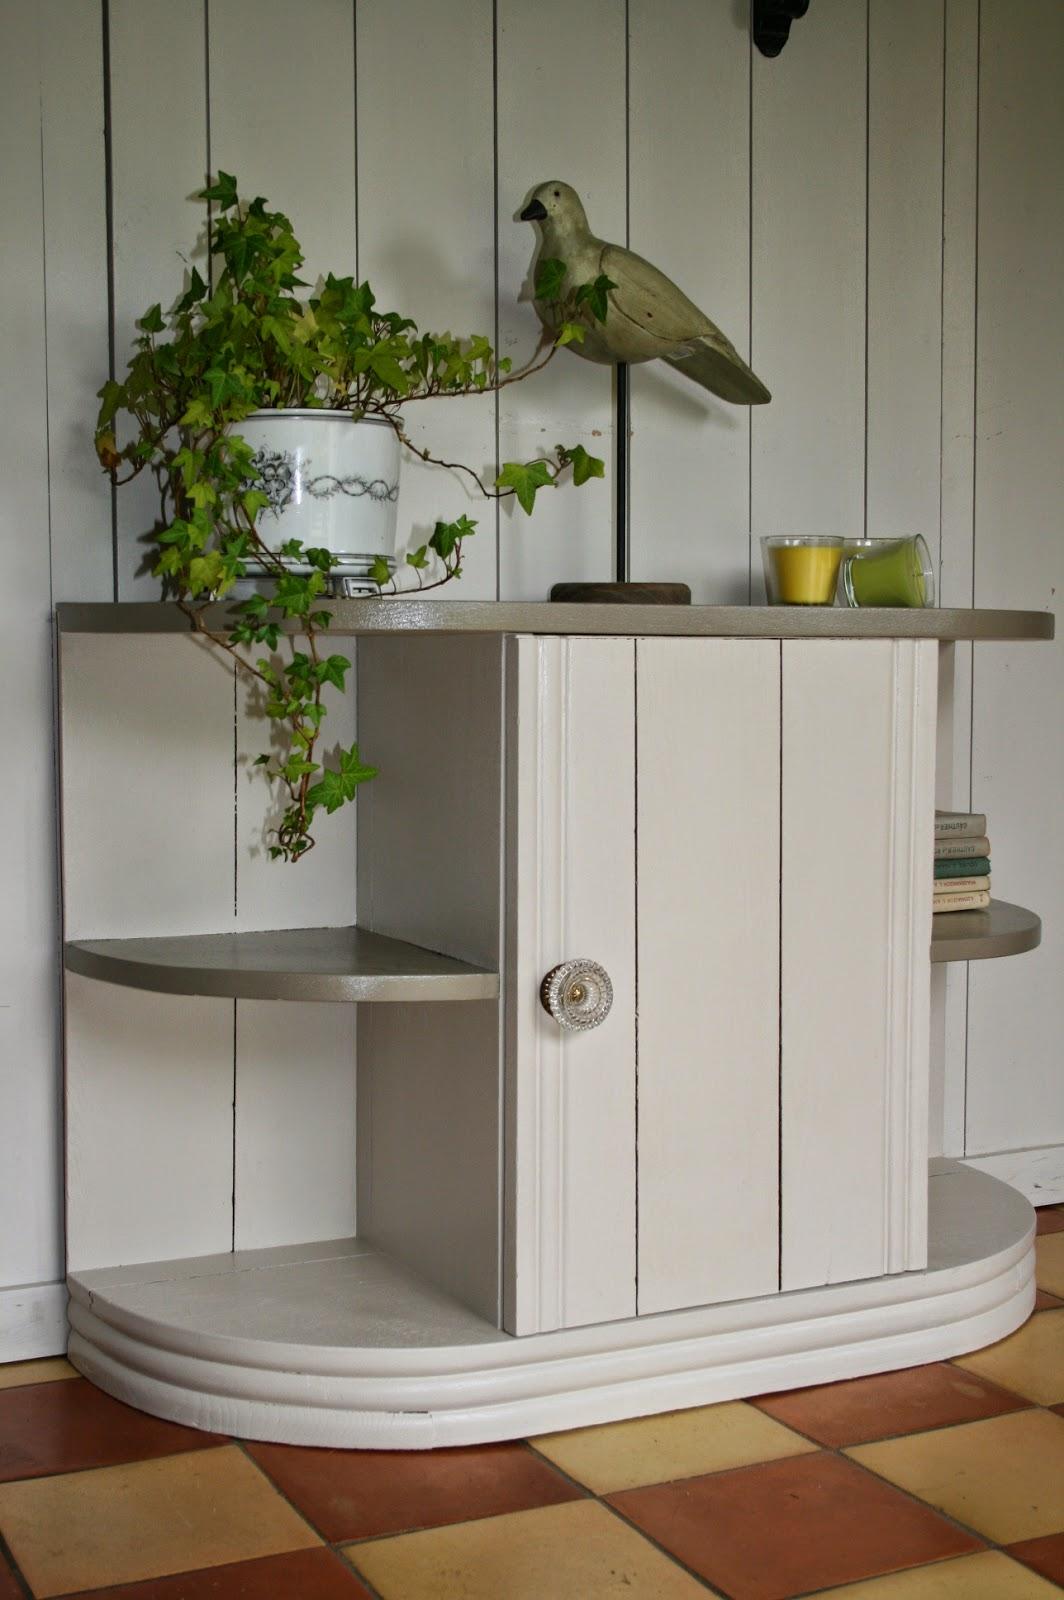 c 39 est la re cr ation vintage scolaire vintage coup de c ur petit meuble tout usage. Black Bedroom Furniture Sets. Home Design Ideas